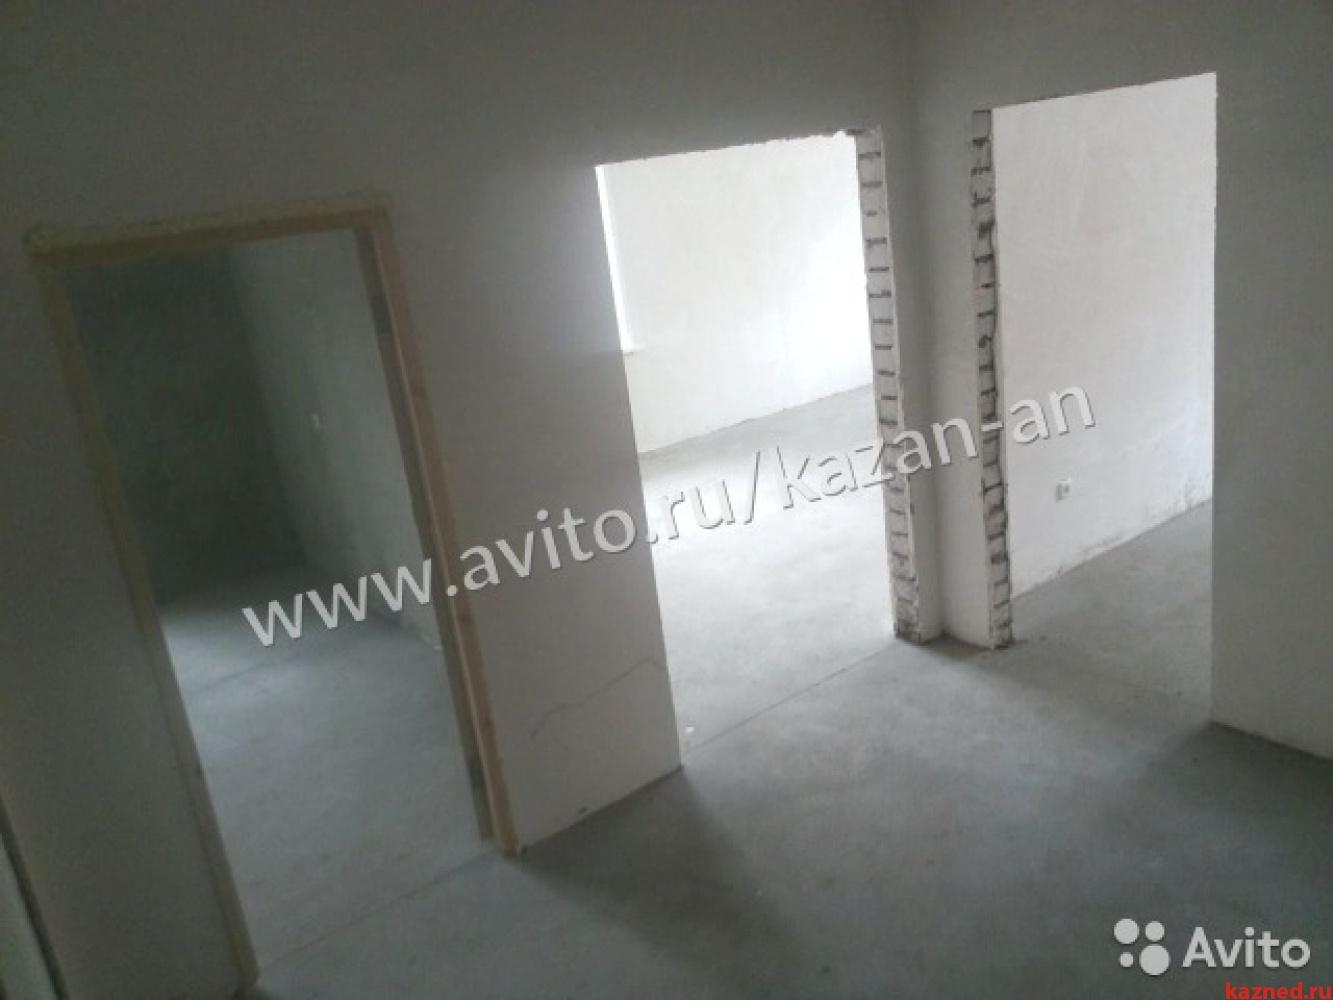 Продажа 2-к квартиры Комсомольская, д. 26, 74 м2  (миниатюра №8)